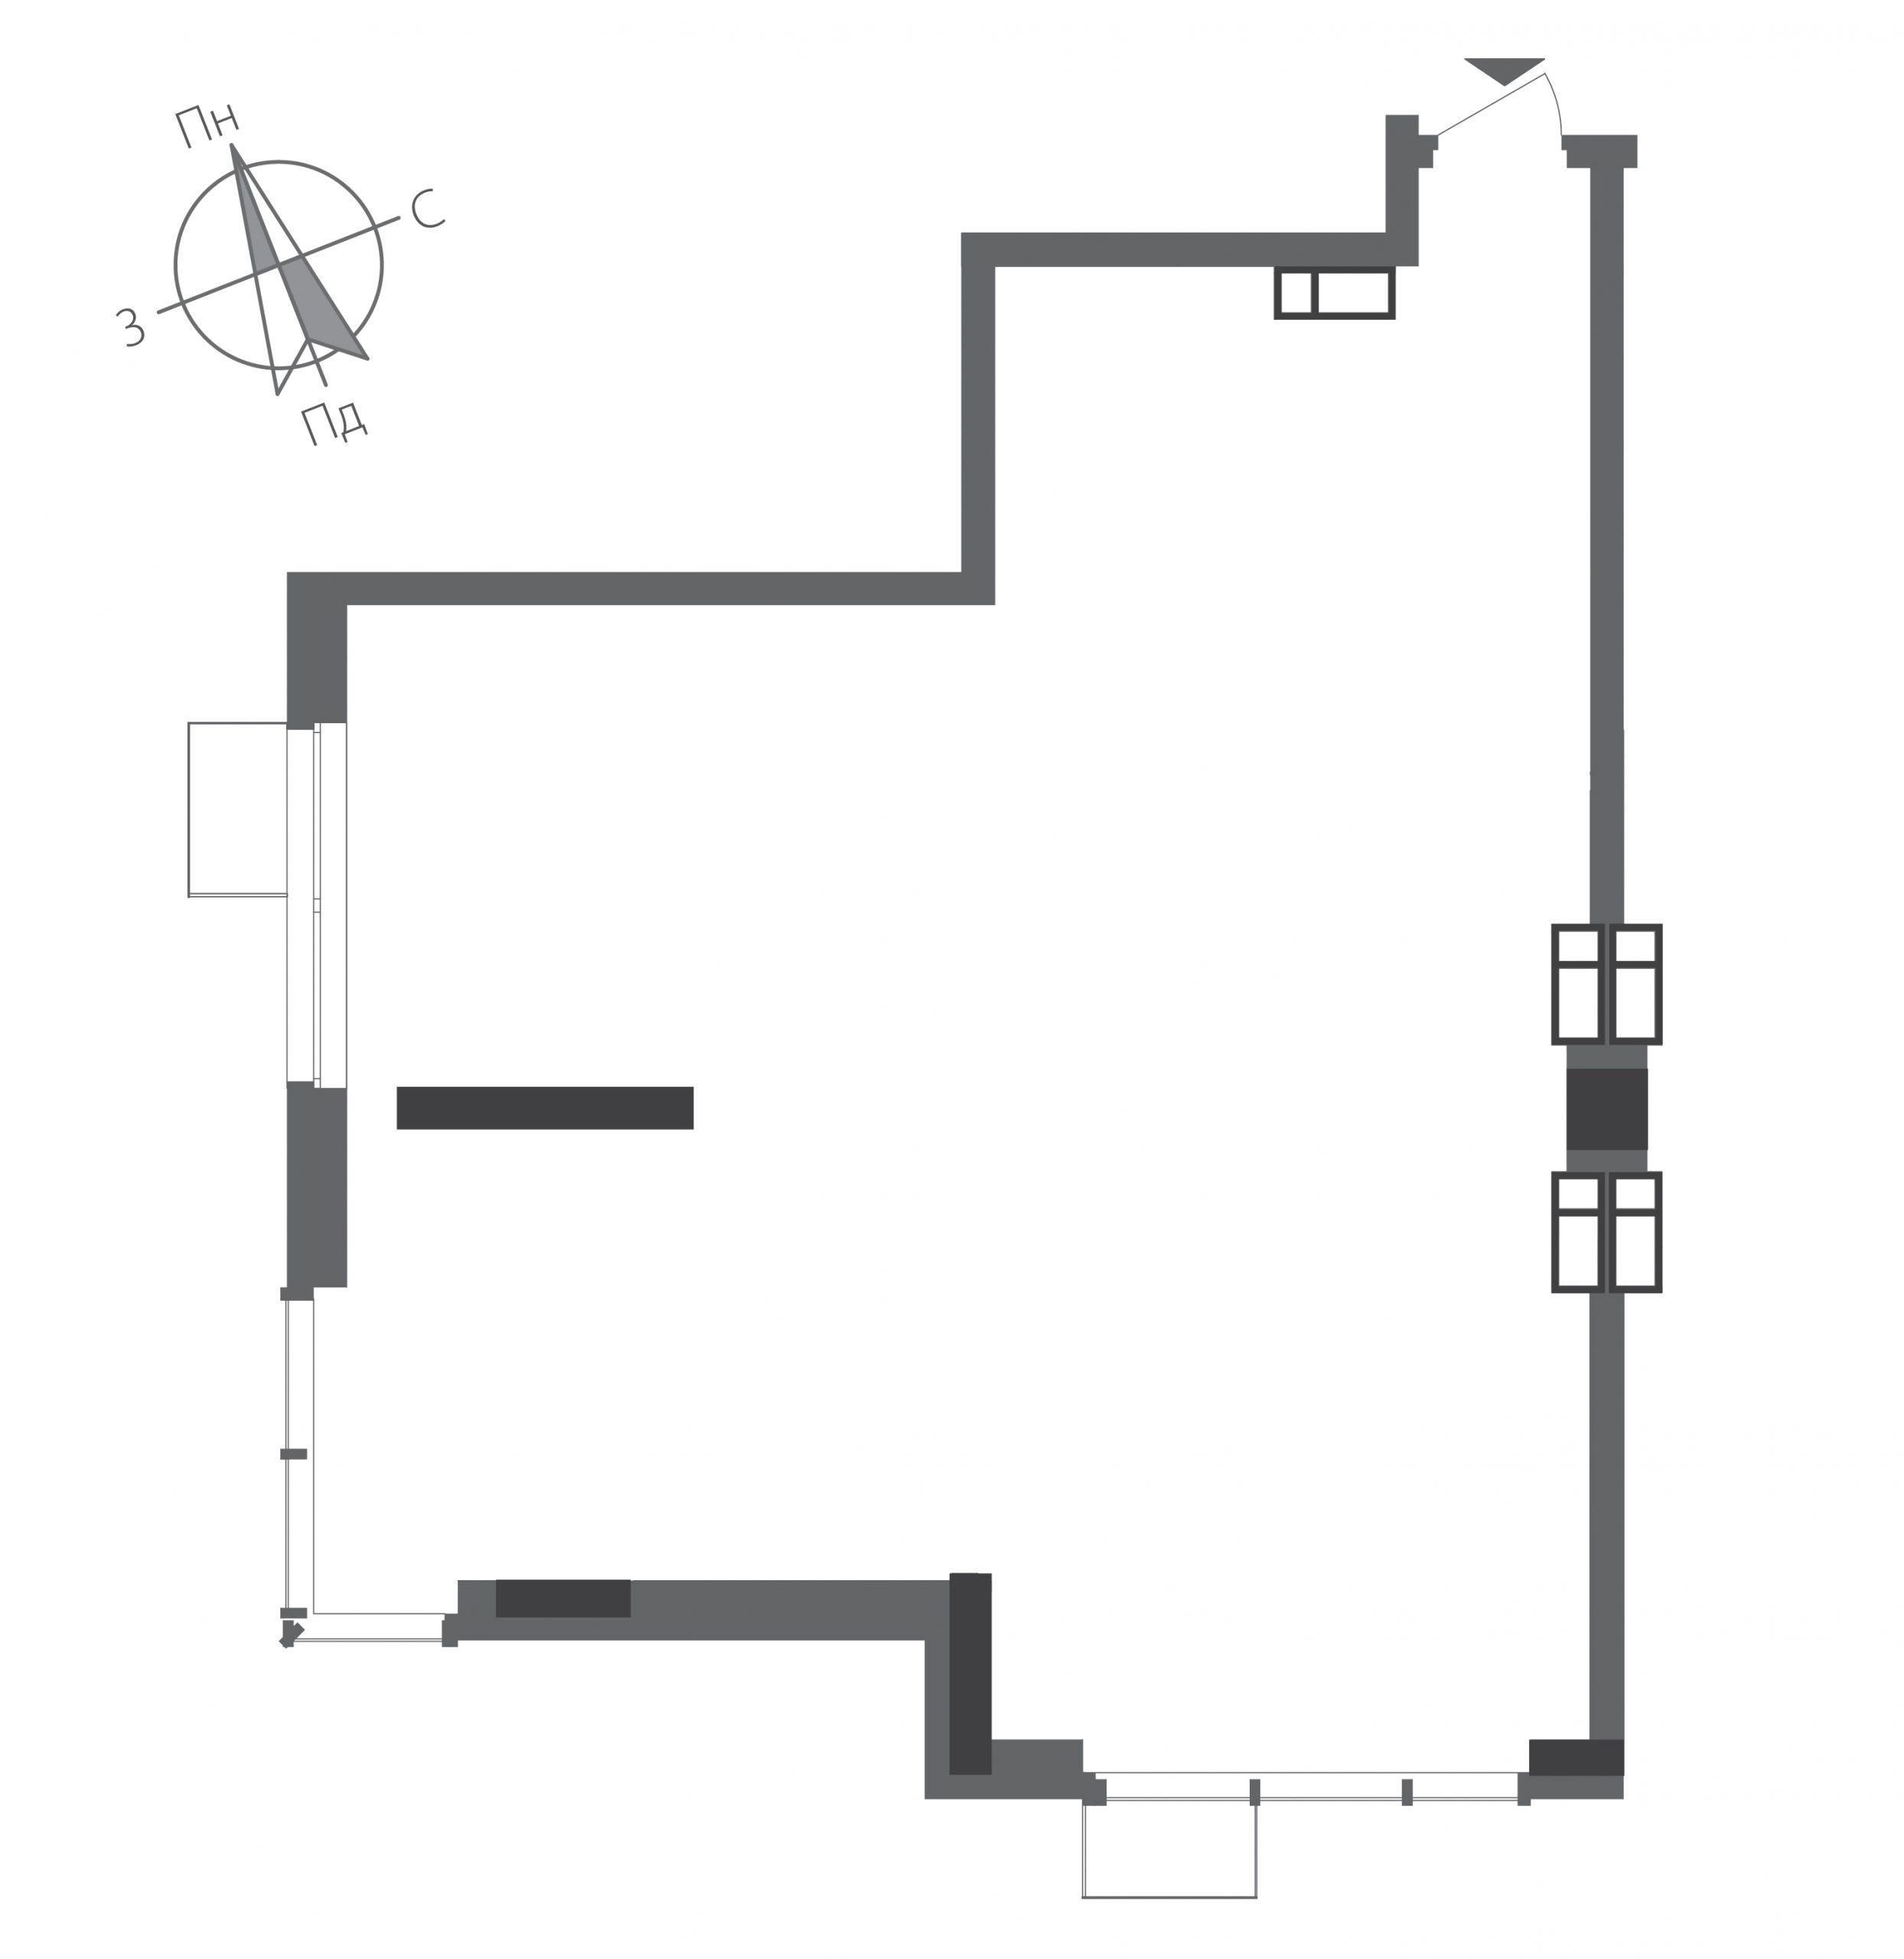 Номер квартиры №1503, Дом 9, Этаж 15, Полная площадь 83,03